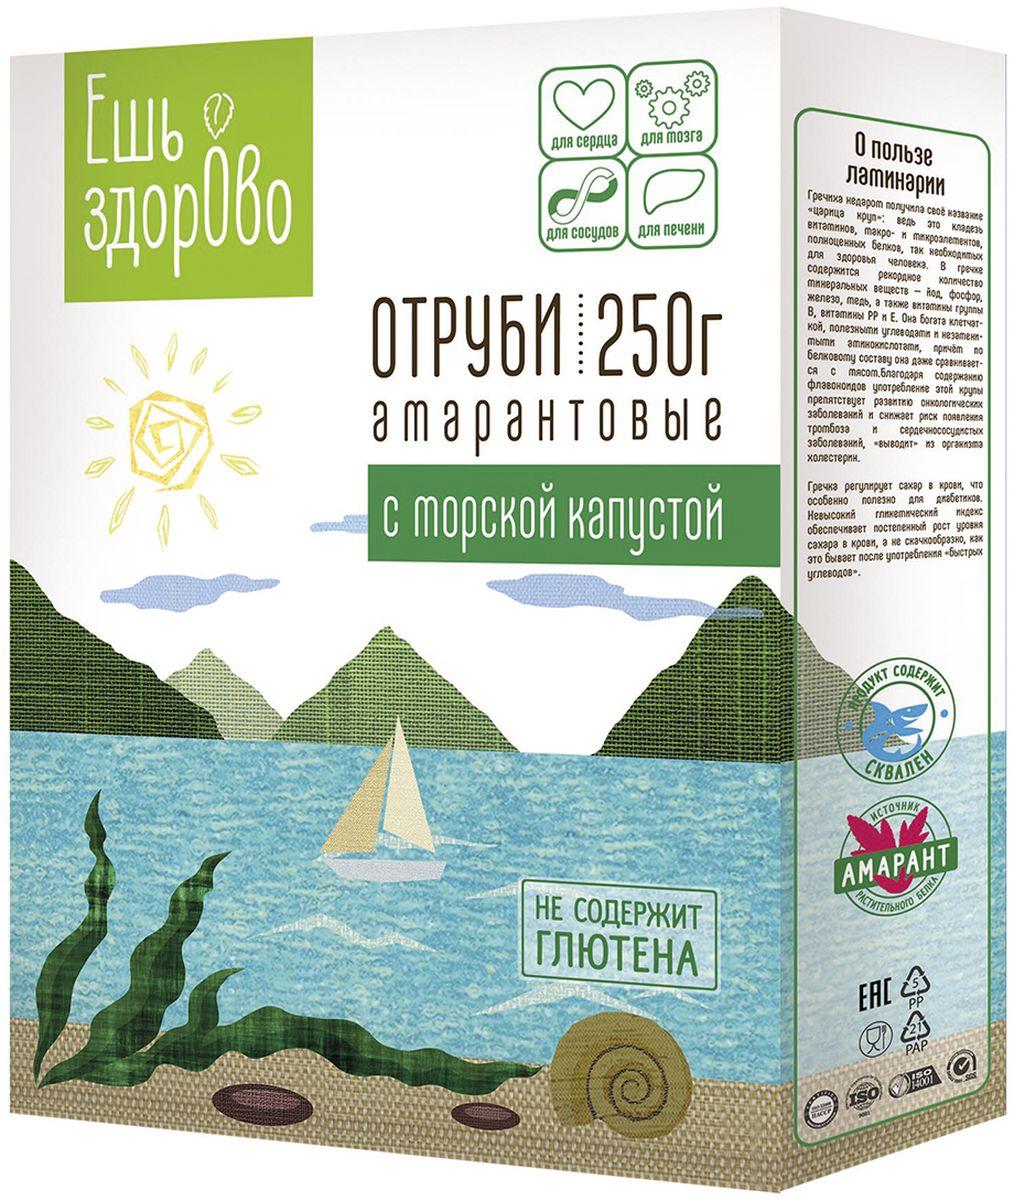 Ешь здорово отруби амарантовые с морской капустой, 250 г